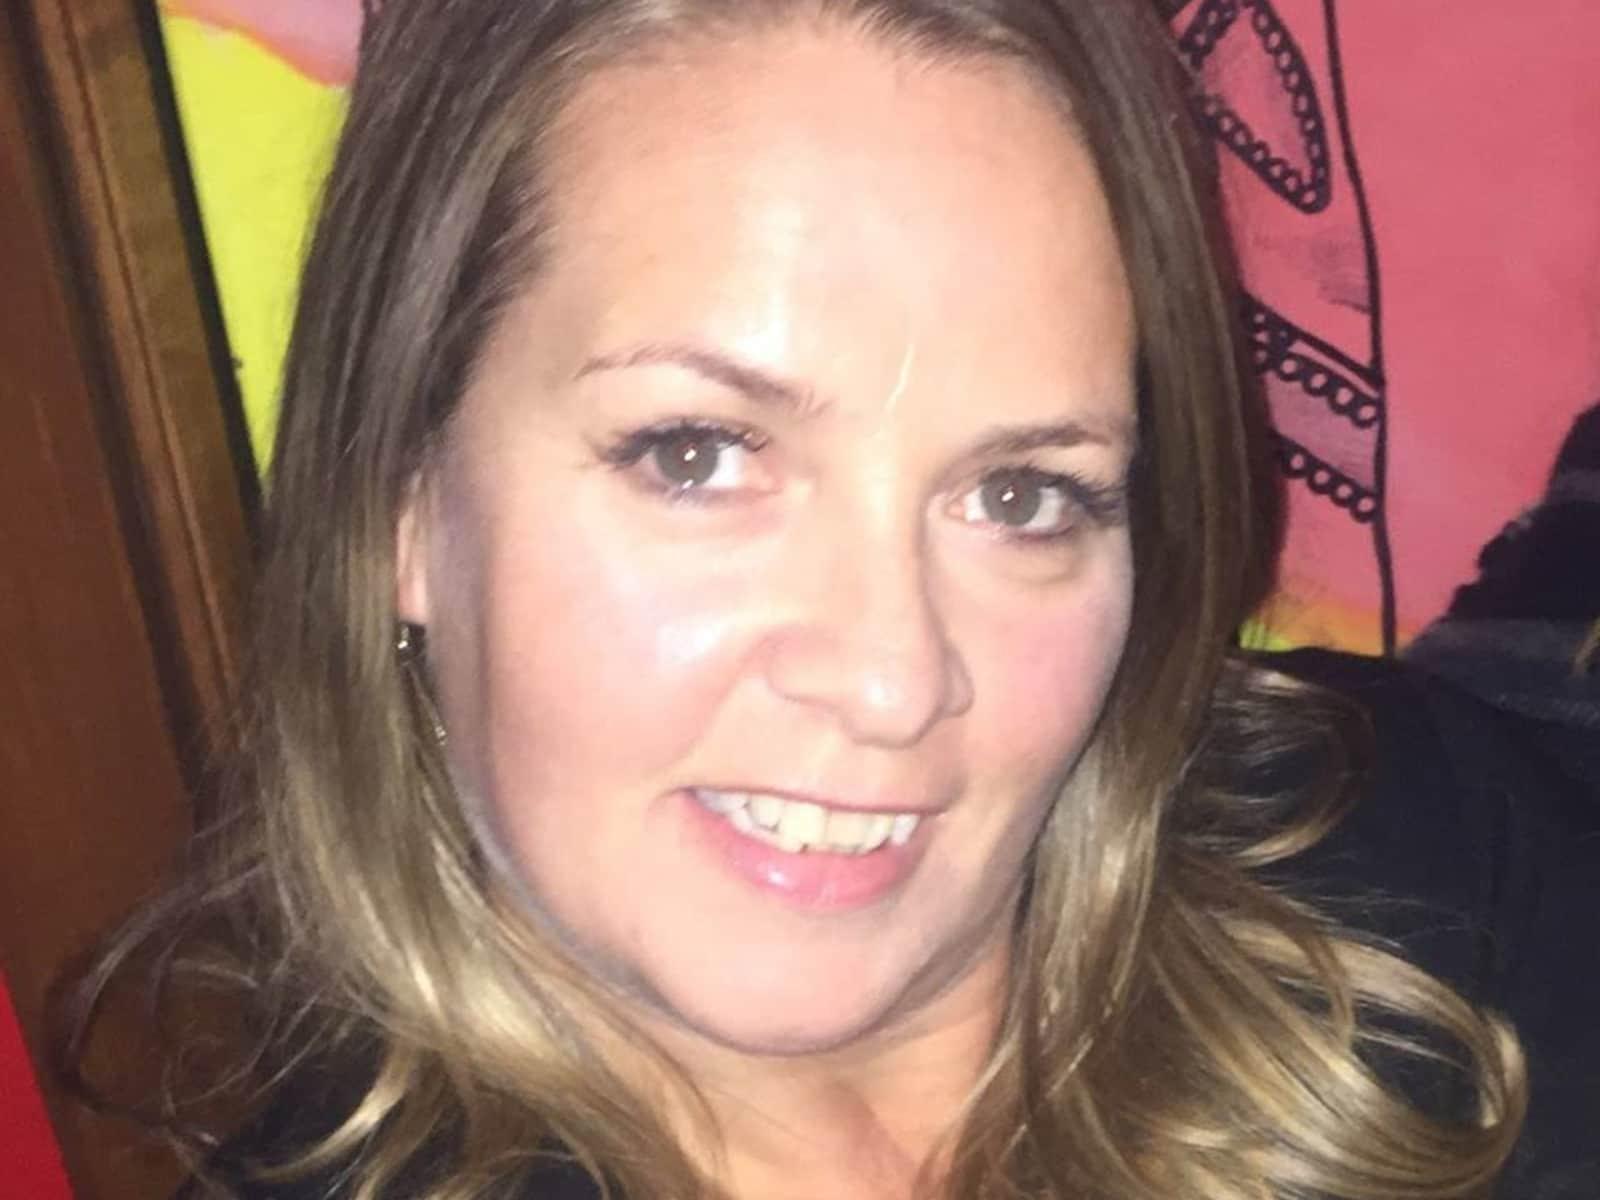 Susanna from Kailua, Hawaii, United States